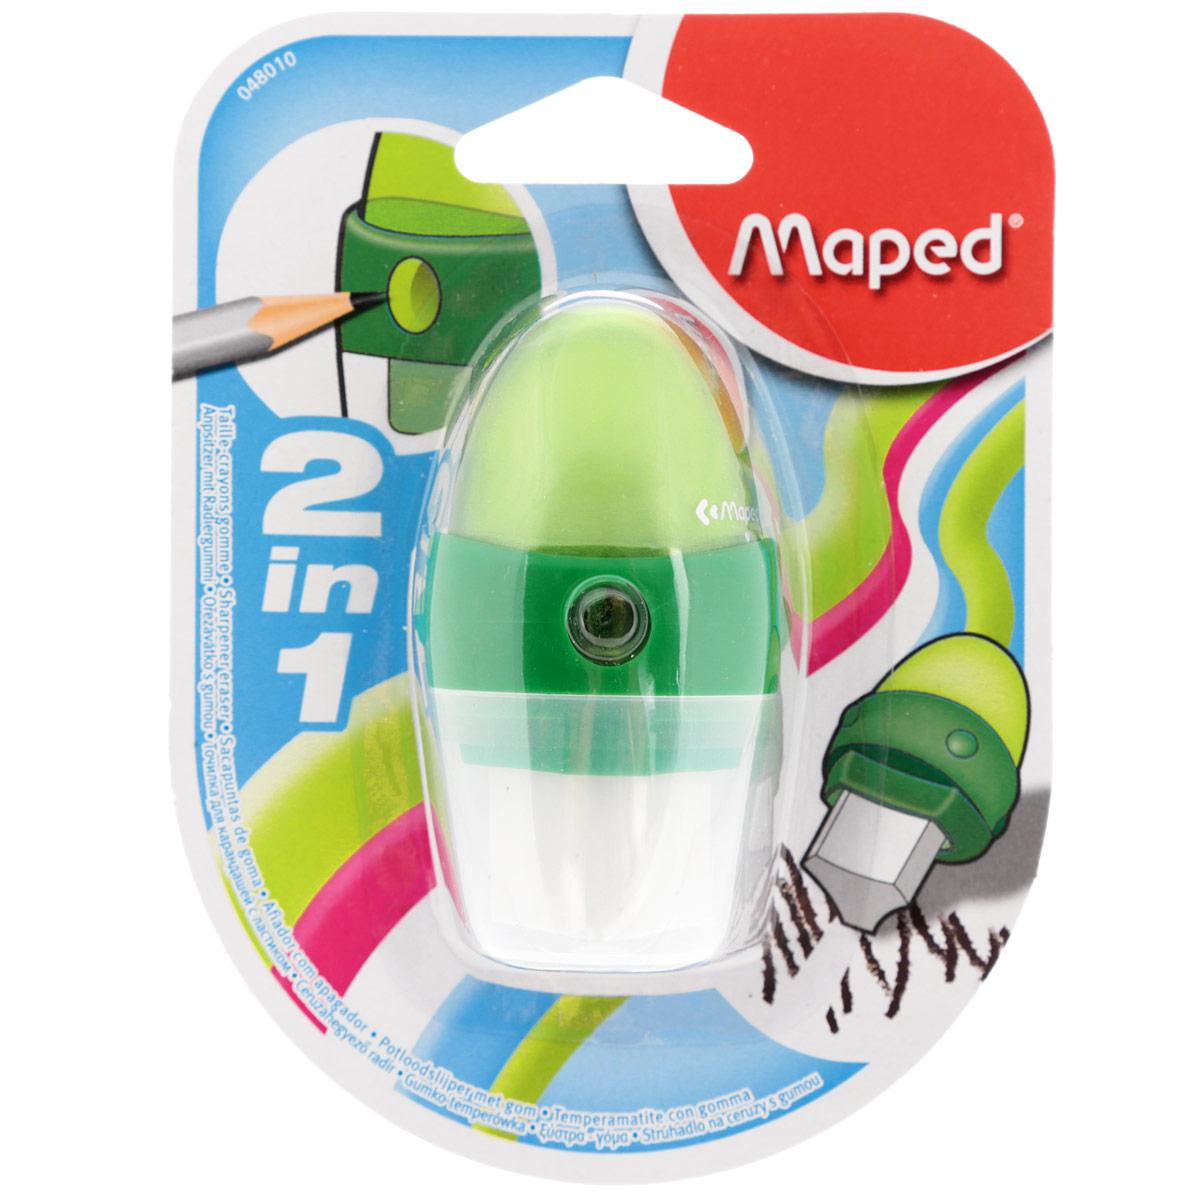 Точилка Maped Astro, с ластиком, цвет: зеленый48010_зеленыйУдобная точилка в пластиковом корпусе с крышкой Maped предназначена для затачивания карандашей. Острое стальное лезвие обеспечивает высококачественную и точную заточку. Карандаш затачивается легко и аккуратно, а опилки после заточки остаются в специальном контейнере. Точилка снабжена ластиком, закрывающимся колпачком.